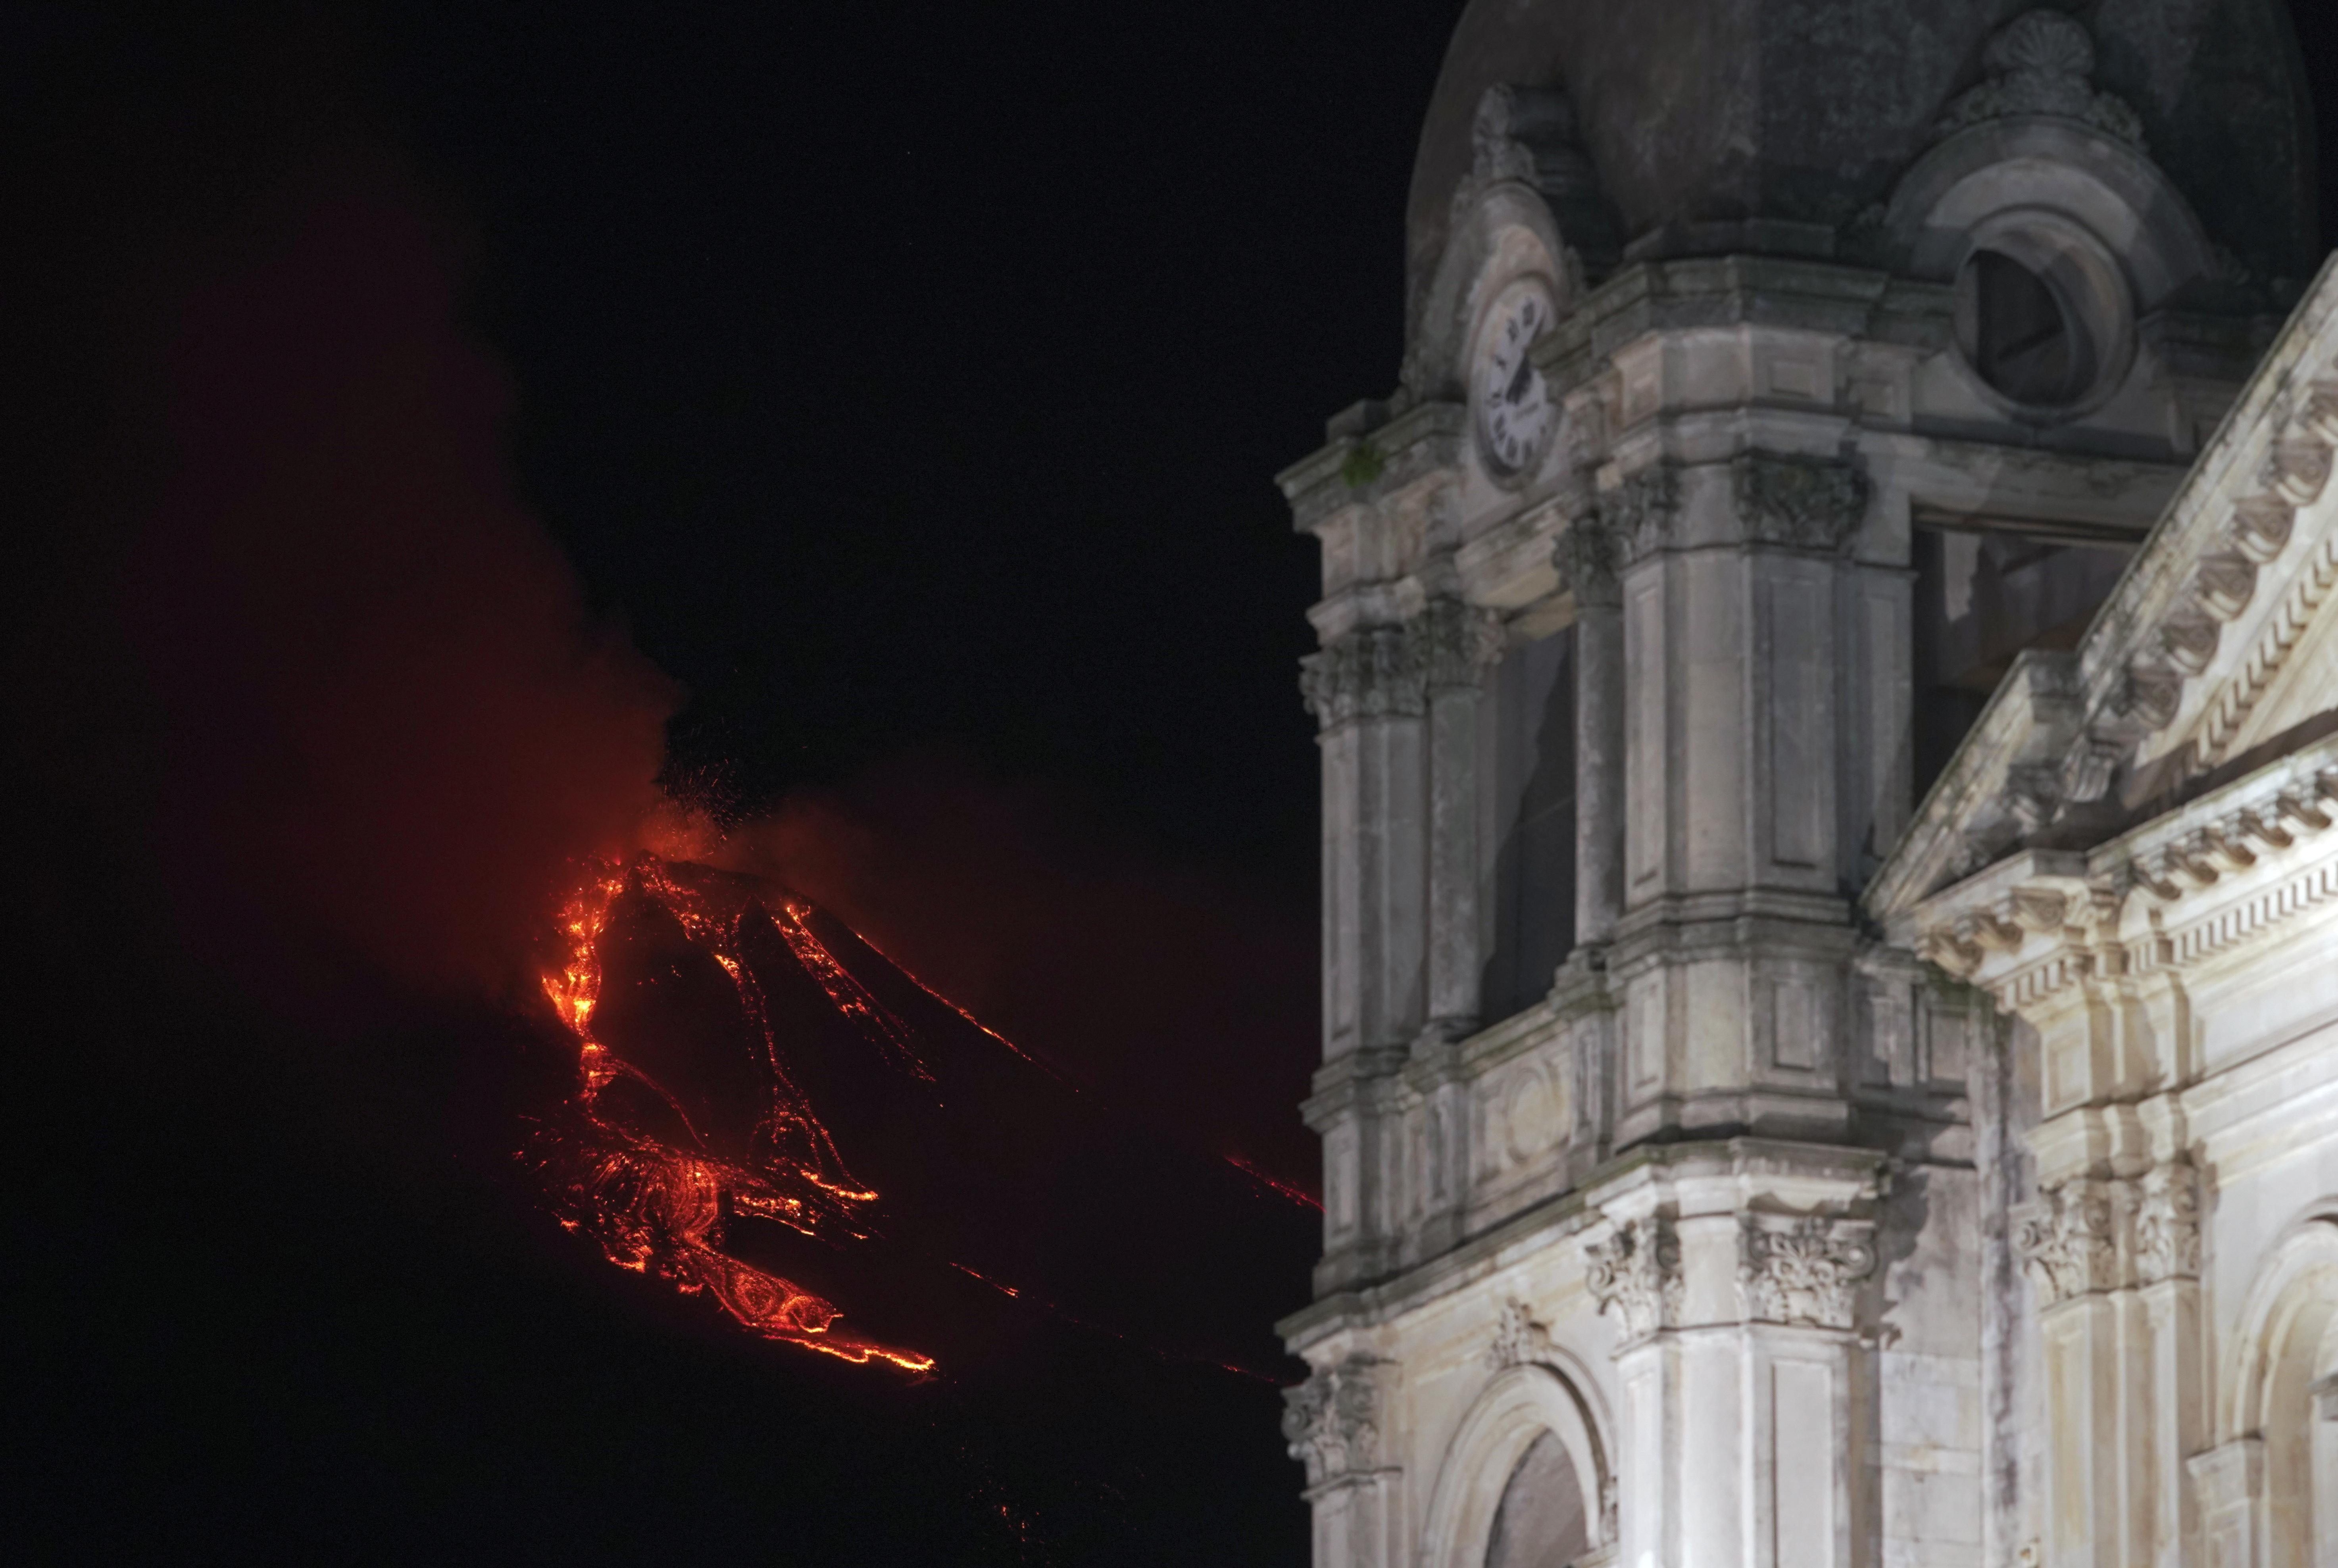 El cielo de la ciudad de Zafferana, Italia se iluminó con la erupcion del volcan Etna (Foto: Reuters/Antonio Parrinello)